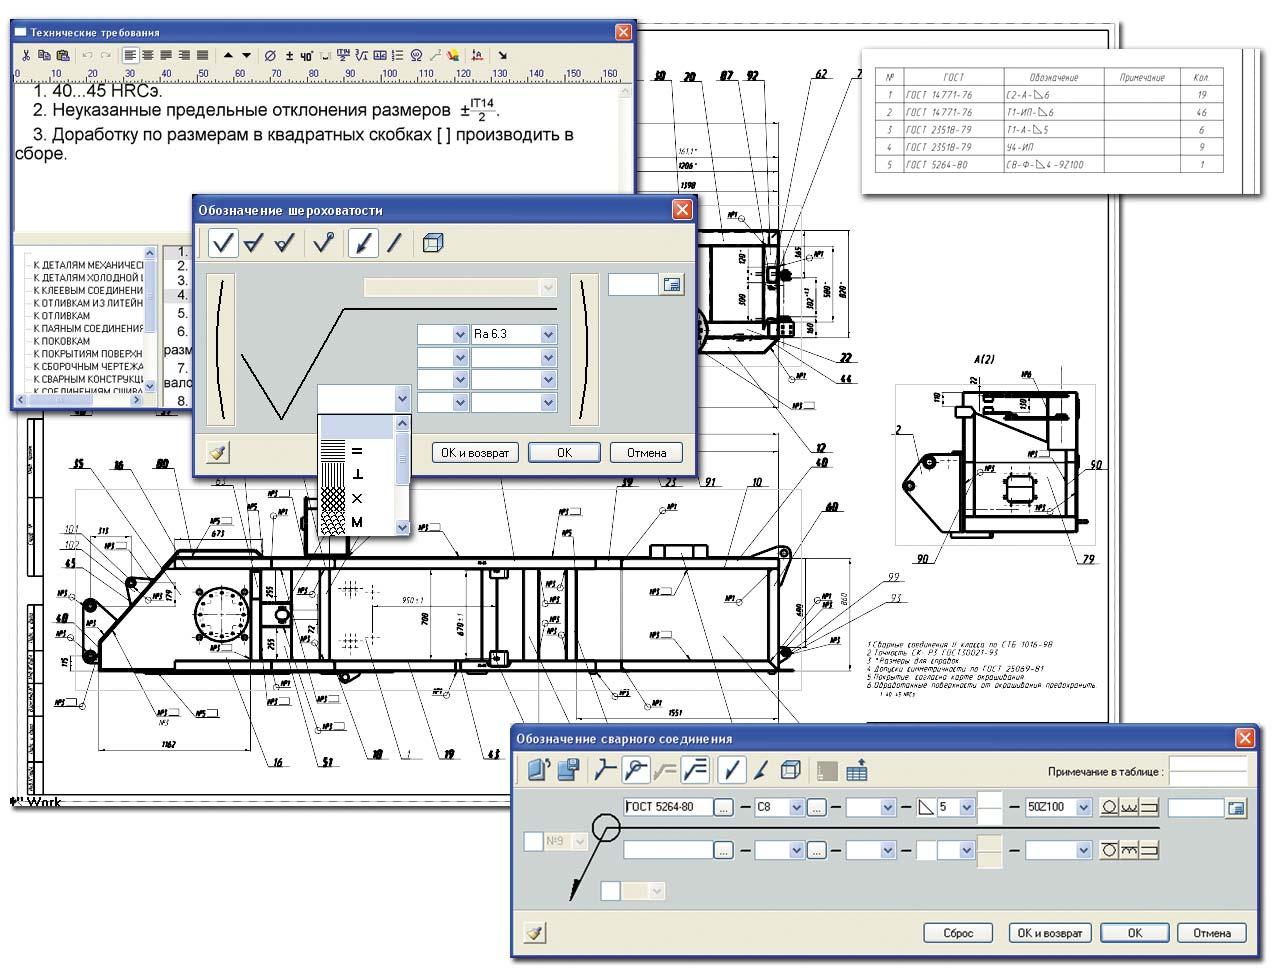 Пример оформленного по ЕСКД чертежа рамы.  Все сварные соединения этой сложной конструкции сведены в единую таблицу...